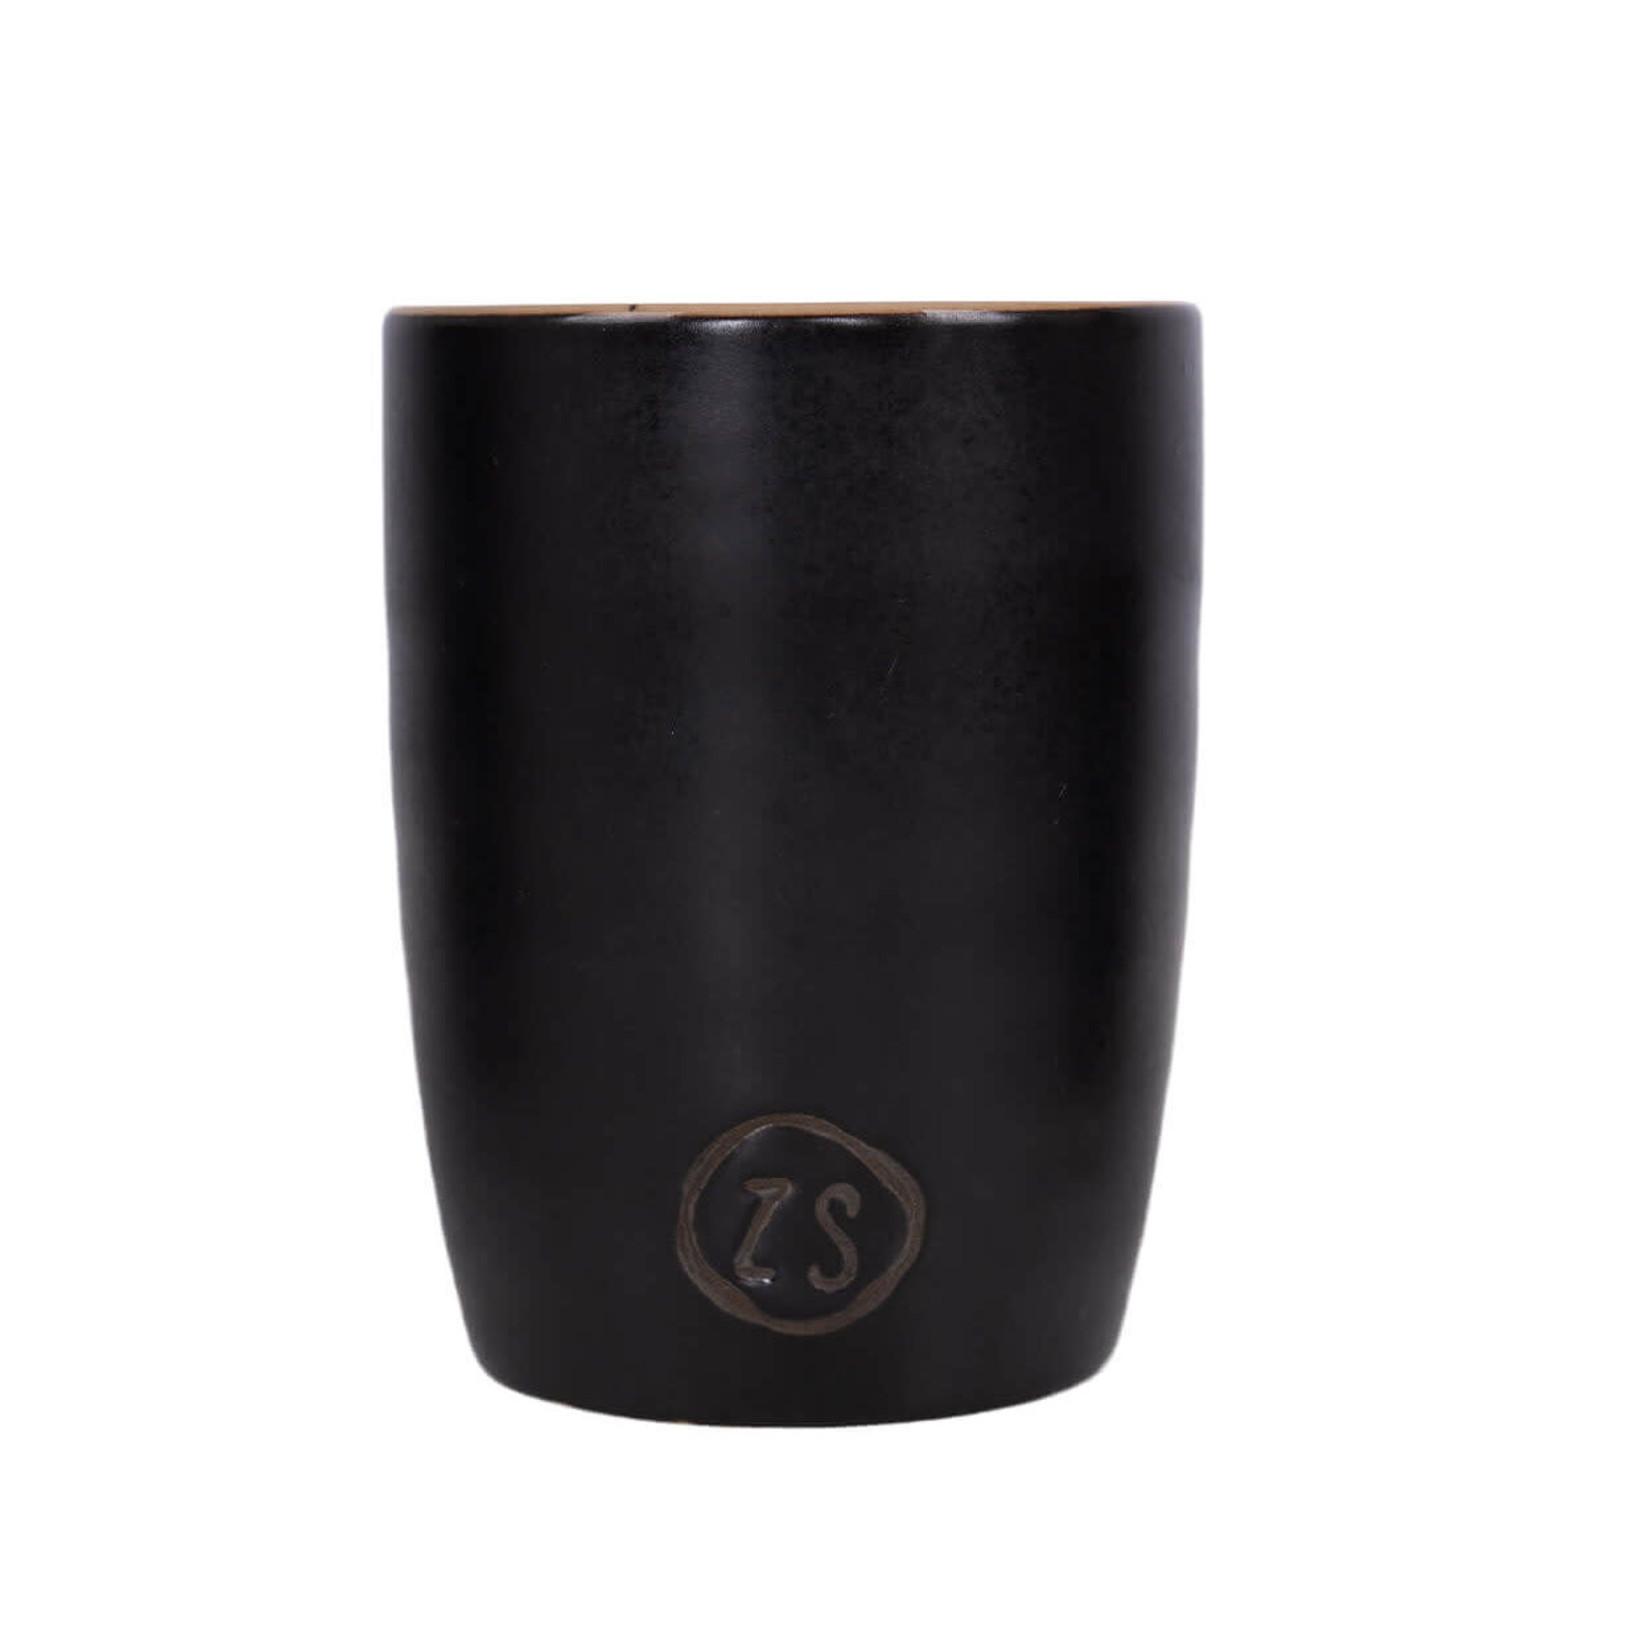 Zusss Zusss   Koffiemok aardewerk zwart